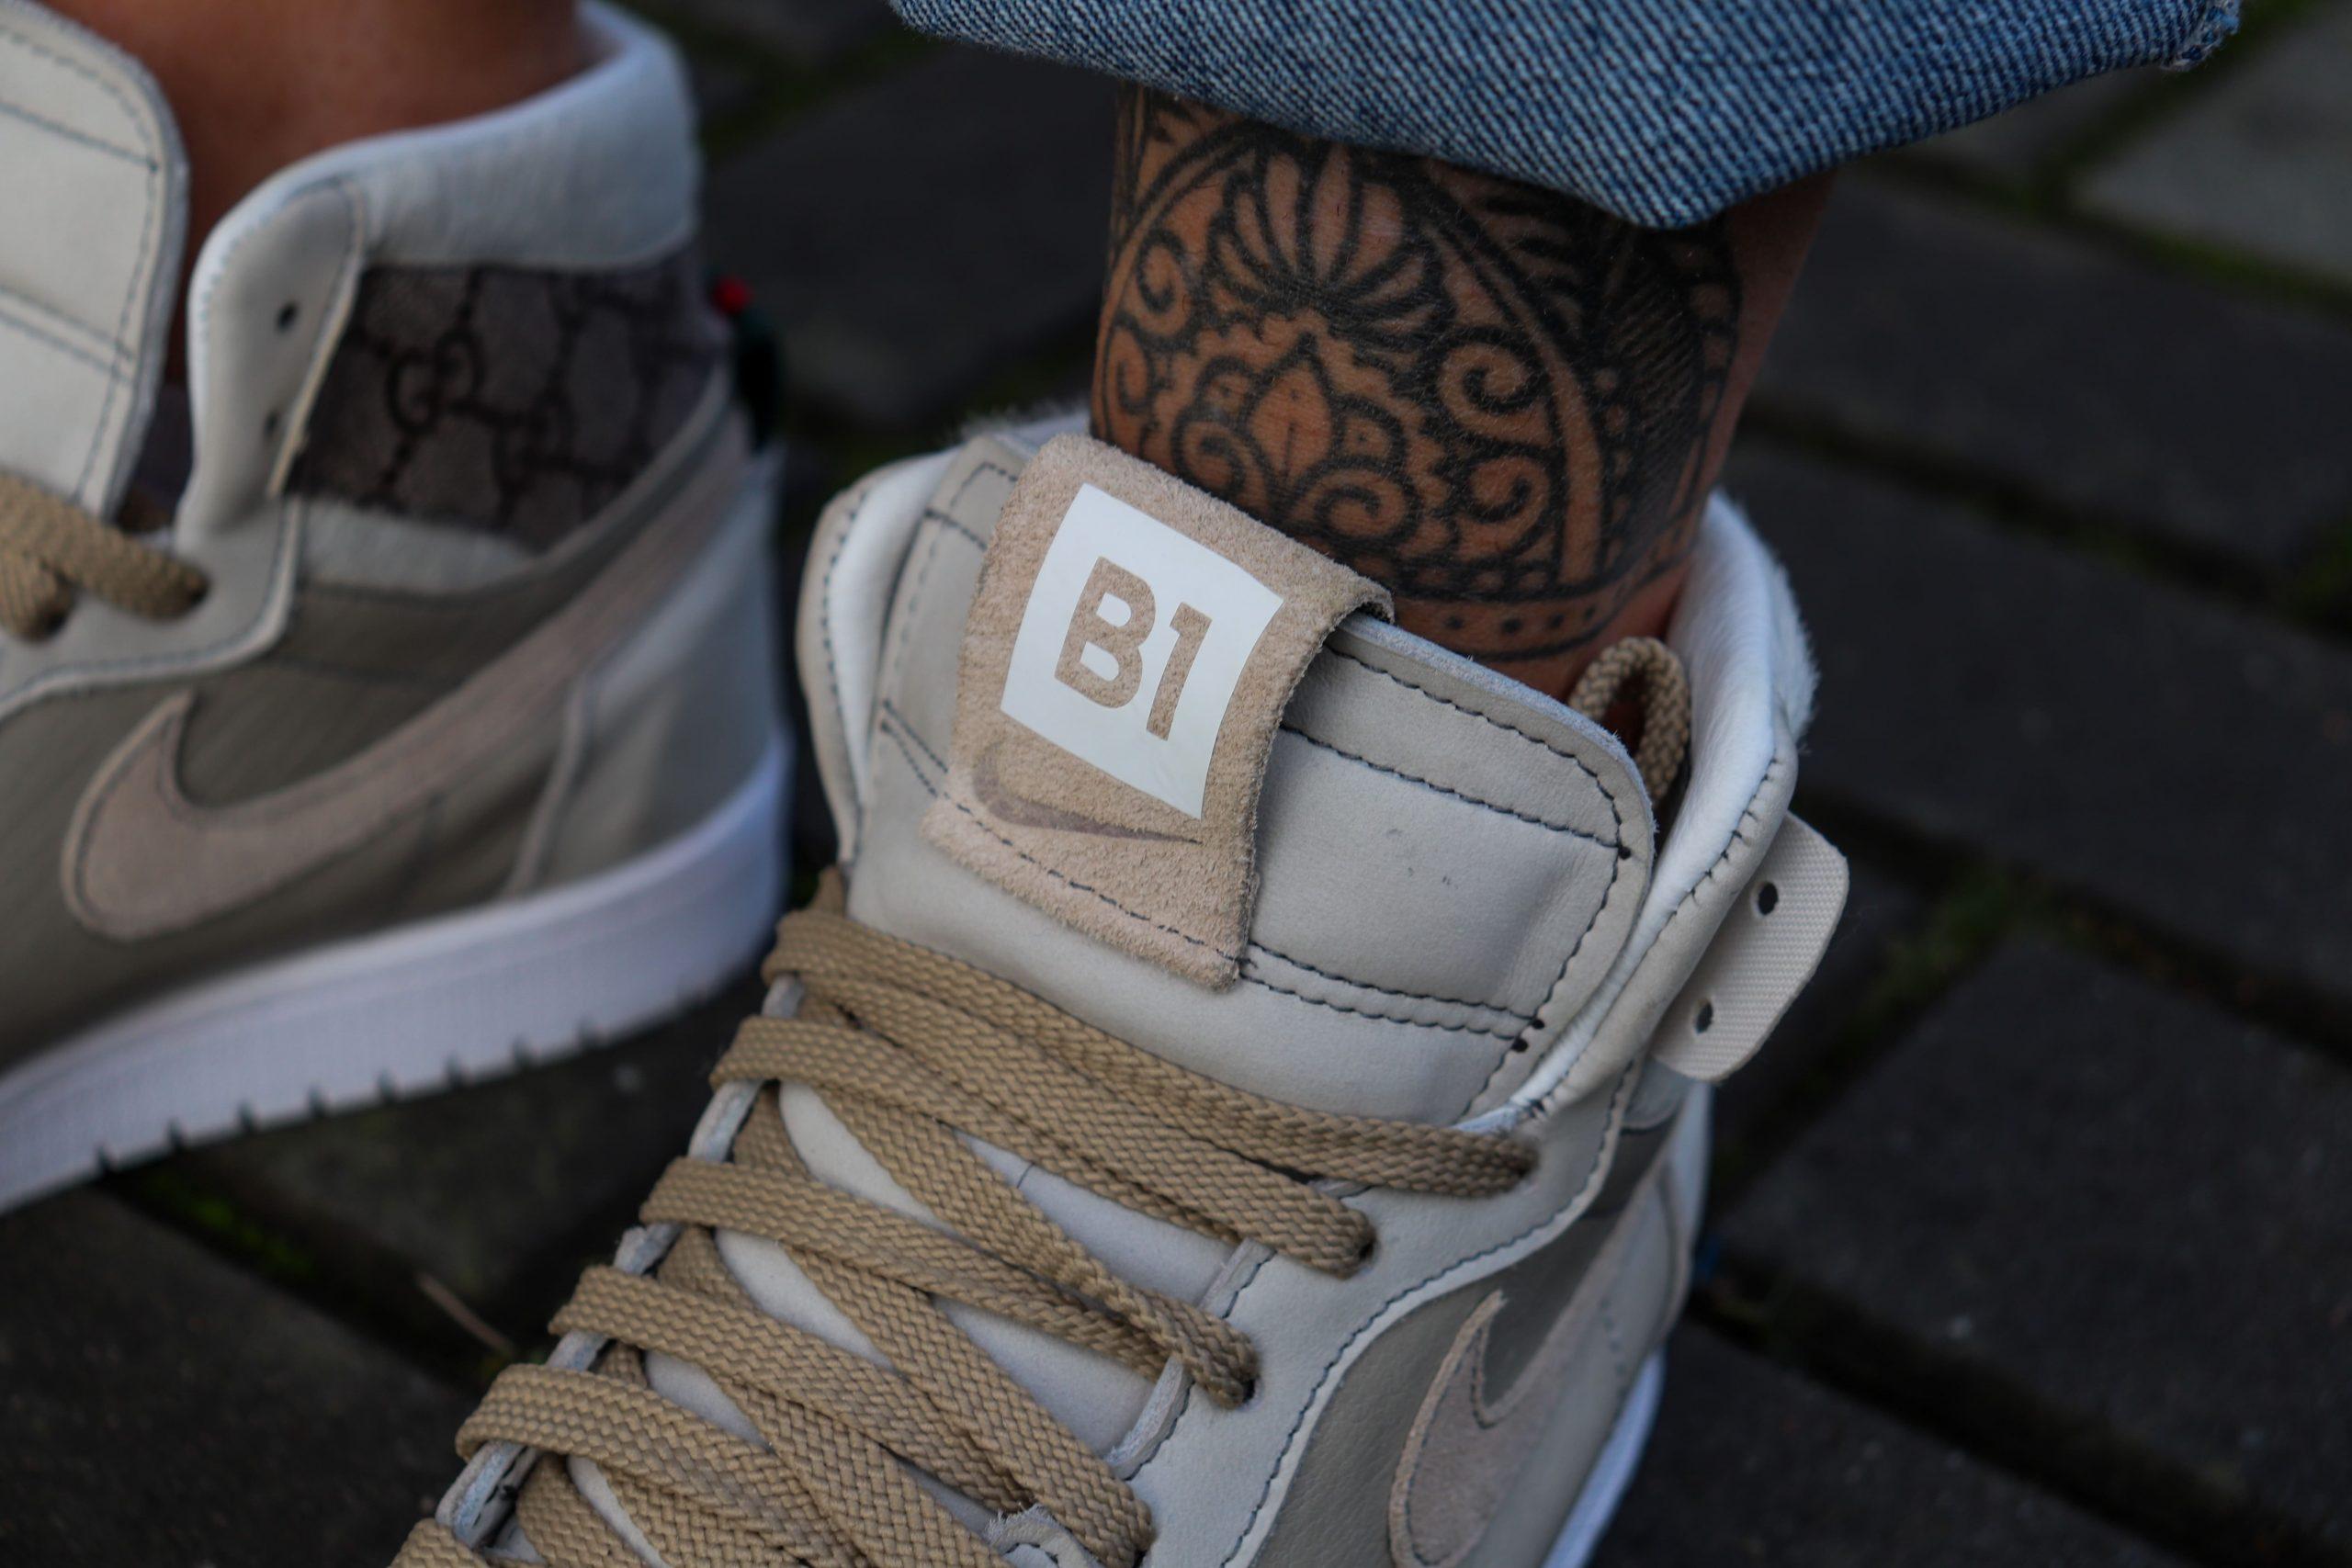 Jordan 1 Bespoke handgemaakte sneakers